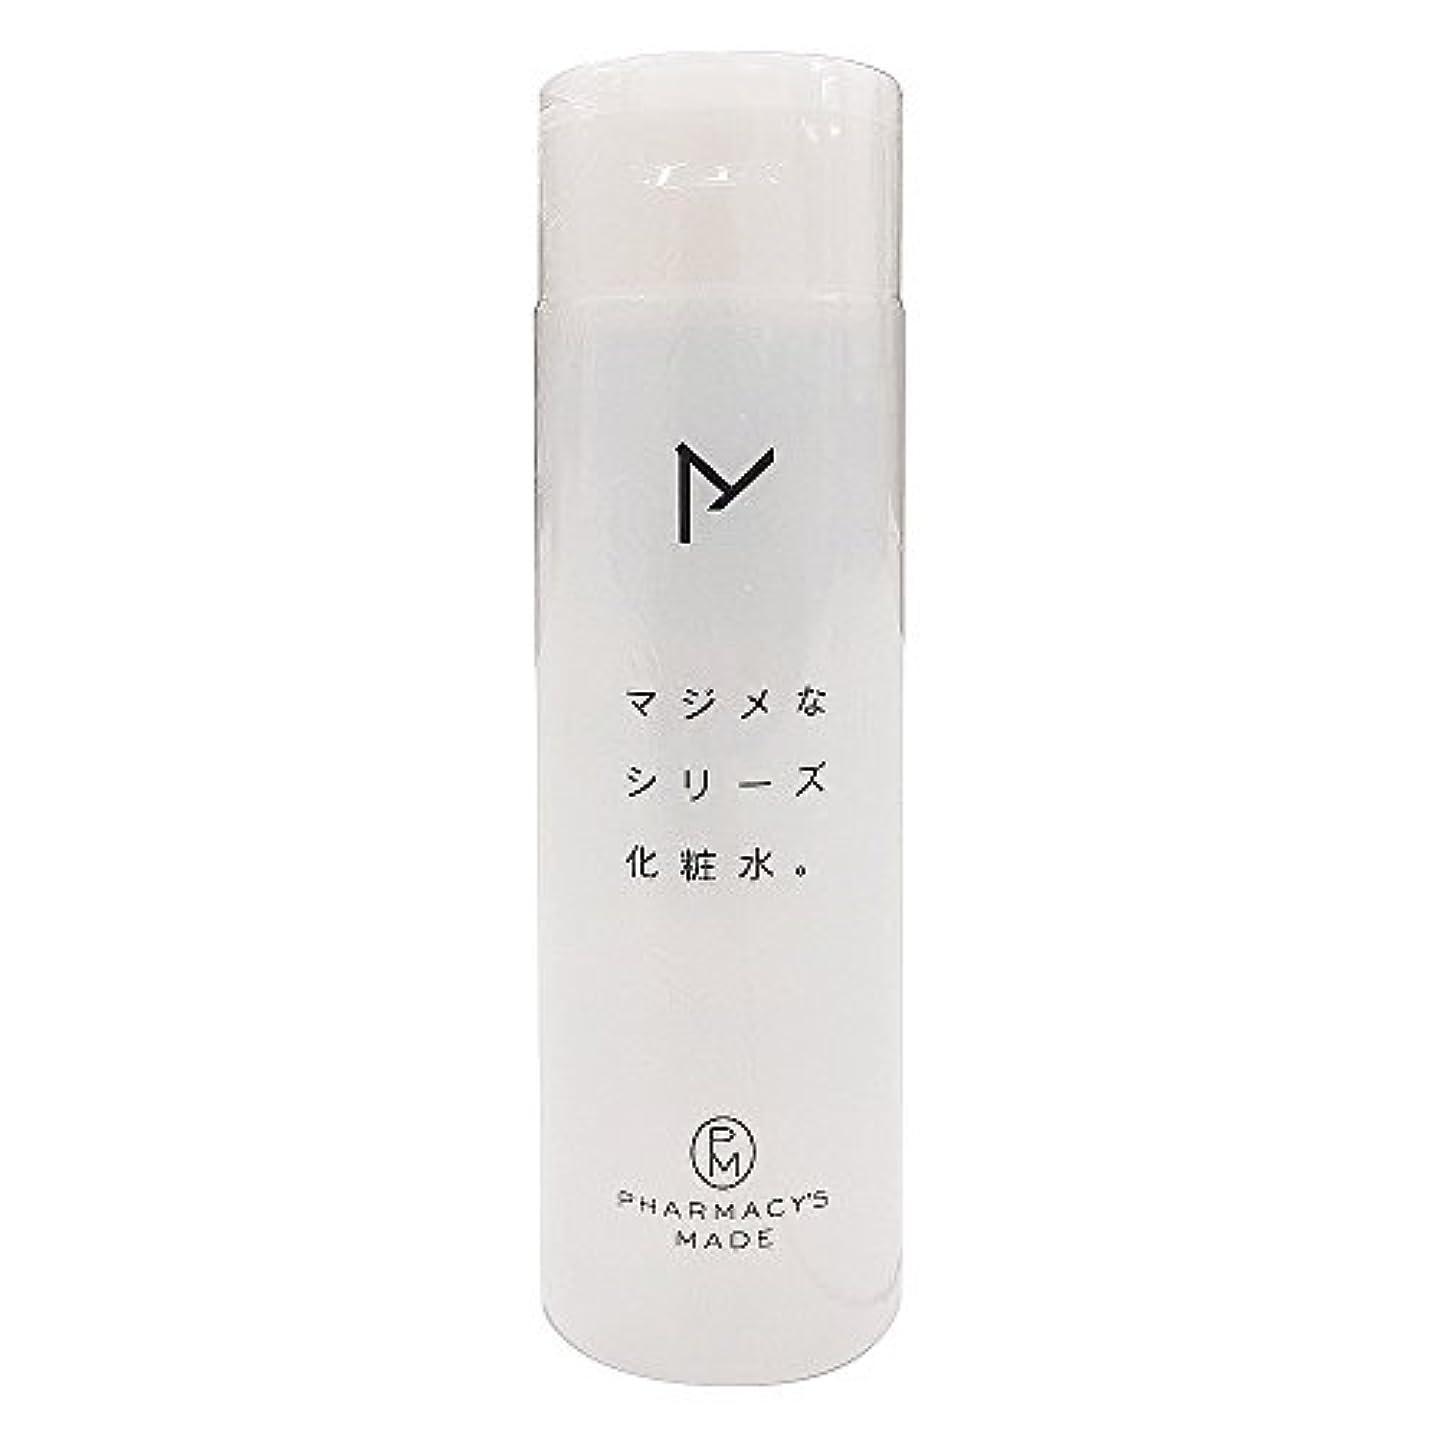 提案する遠いしがみつく水橋保寿堂製薬 マジメなシリーズ化粧水。 200ml